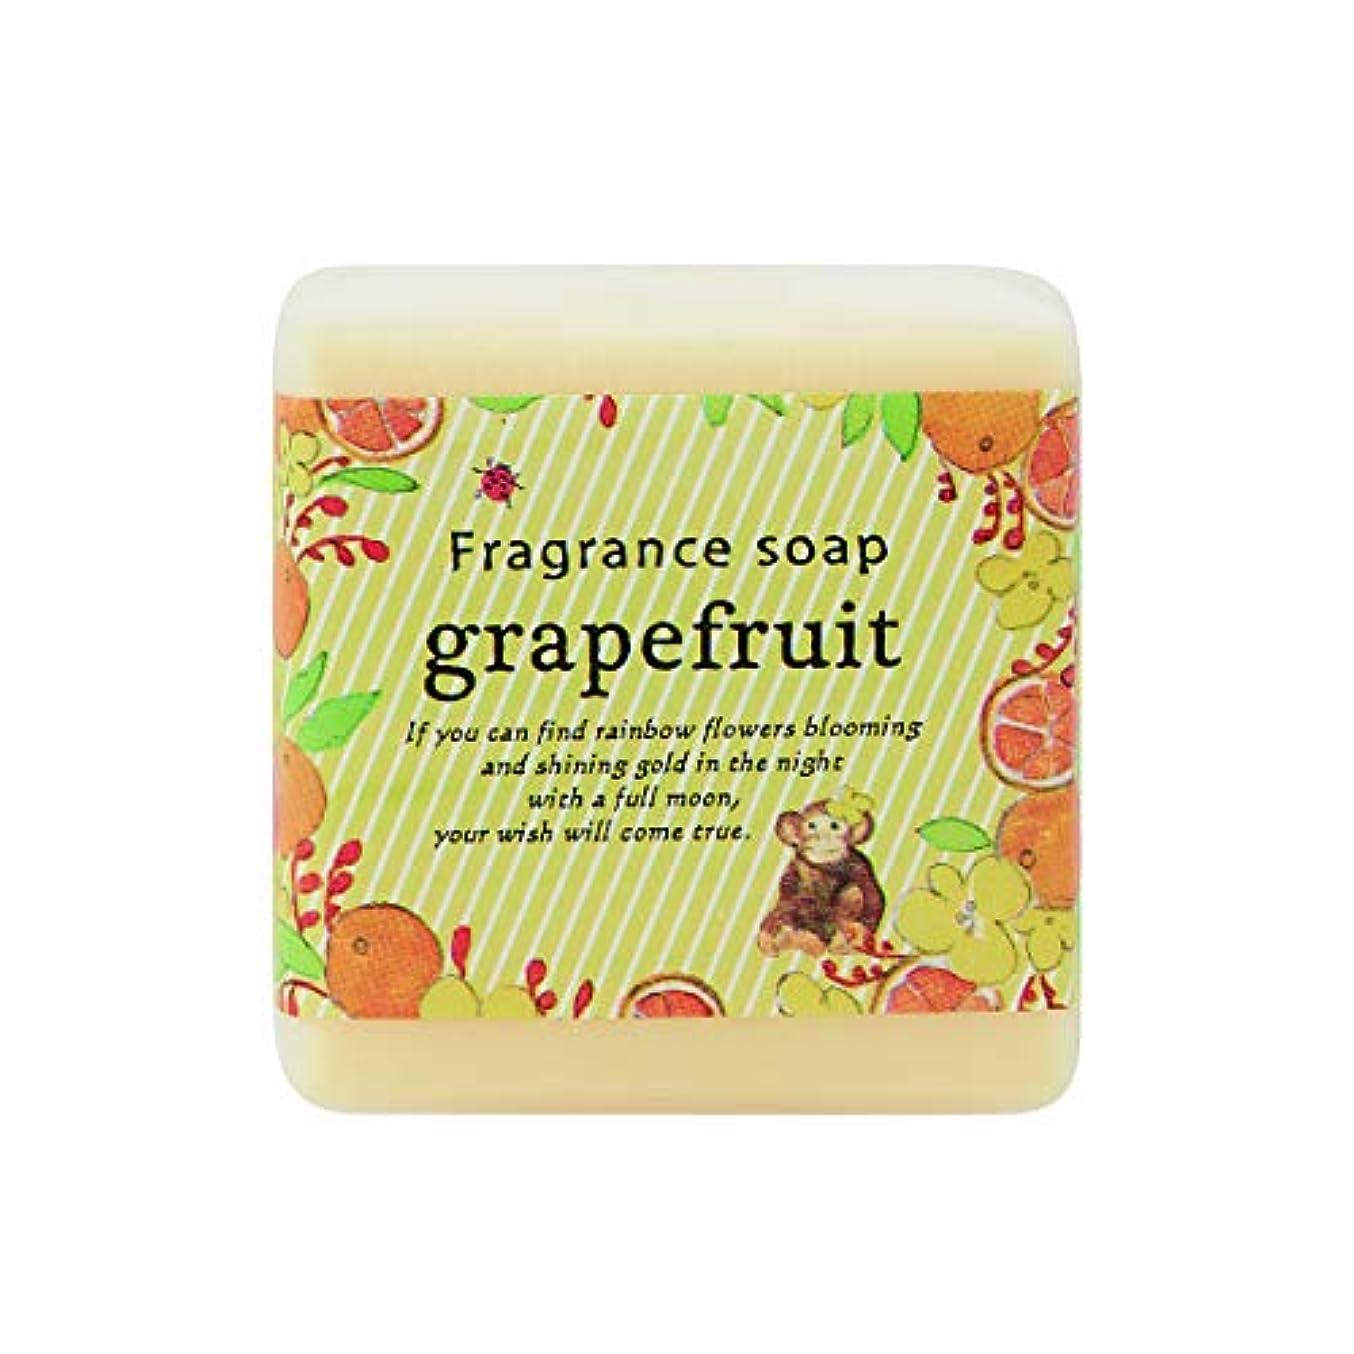 興奮急ぐ調停者サンハーブ フレグランスソープ40g グレープフルーツ 12個(プチ石けん ゲストソープ シャキっとまぶしい柑橘系の香り)